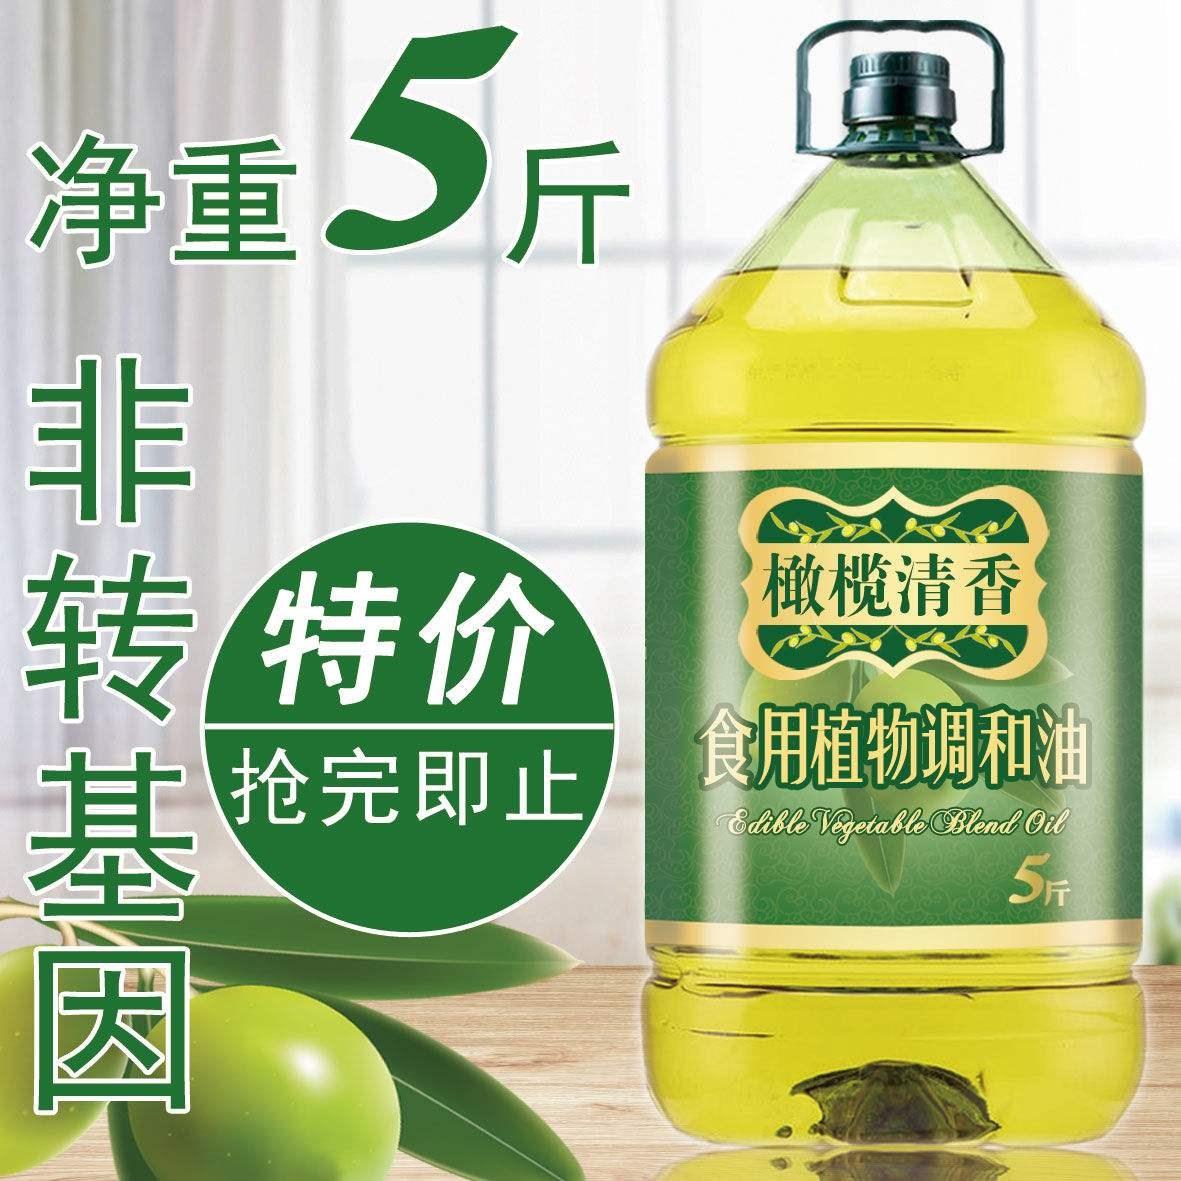 橄榄油非转基因5斤食用油煎炸炒拌调和油桶装植物油包邮